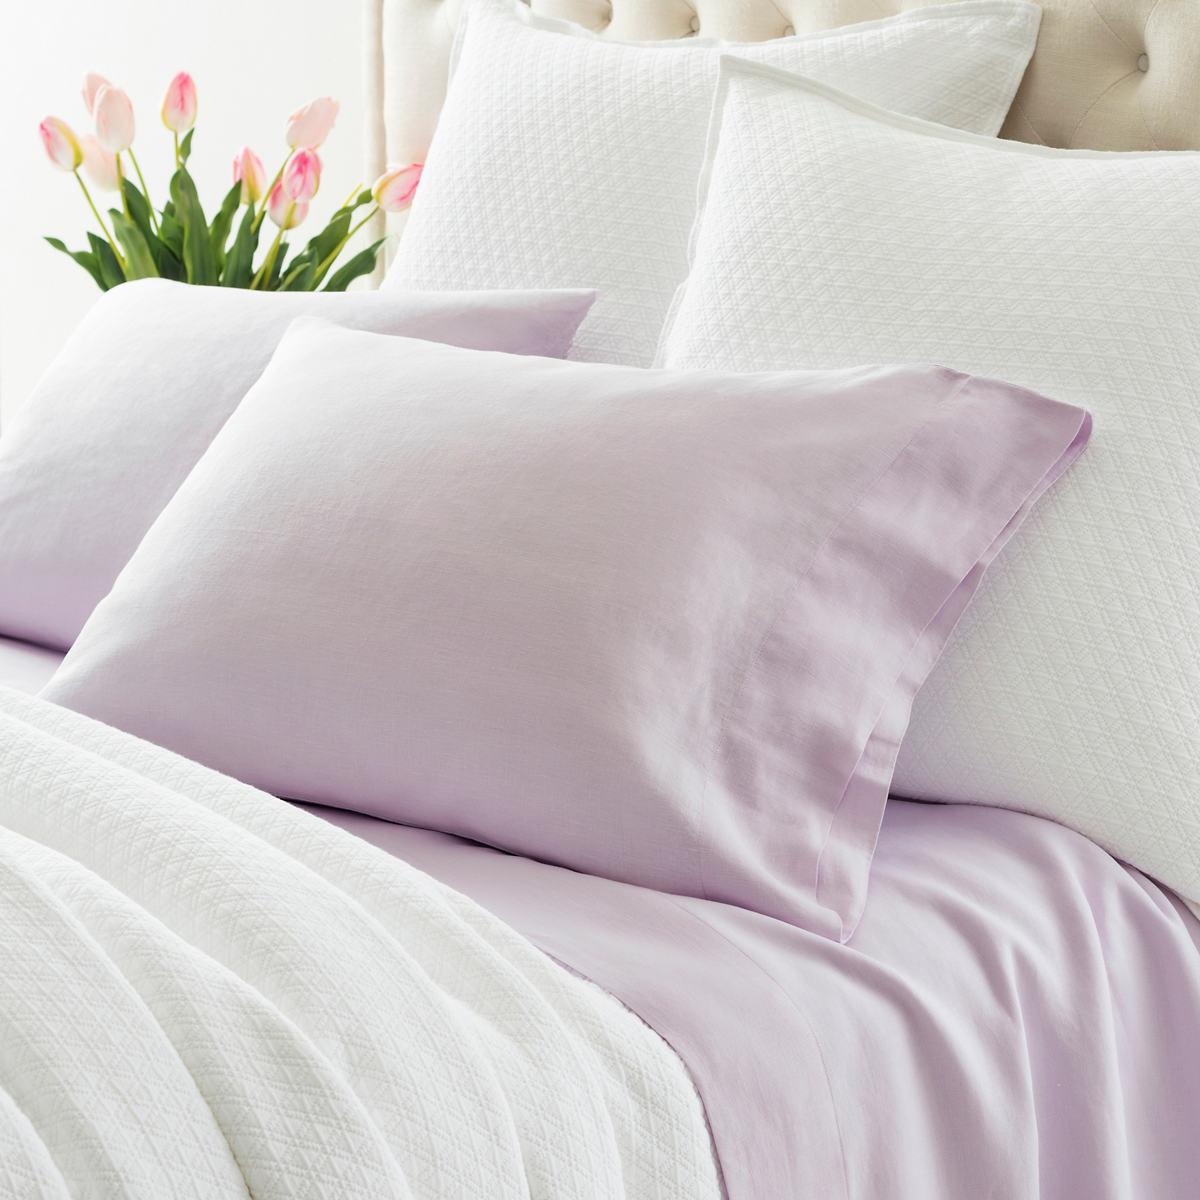 Lush Linen Pale Lilac Sheet Set